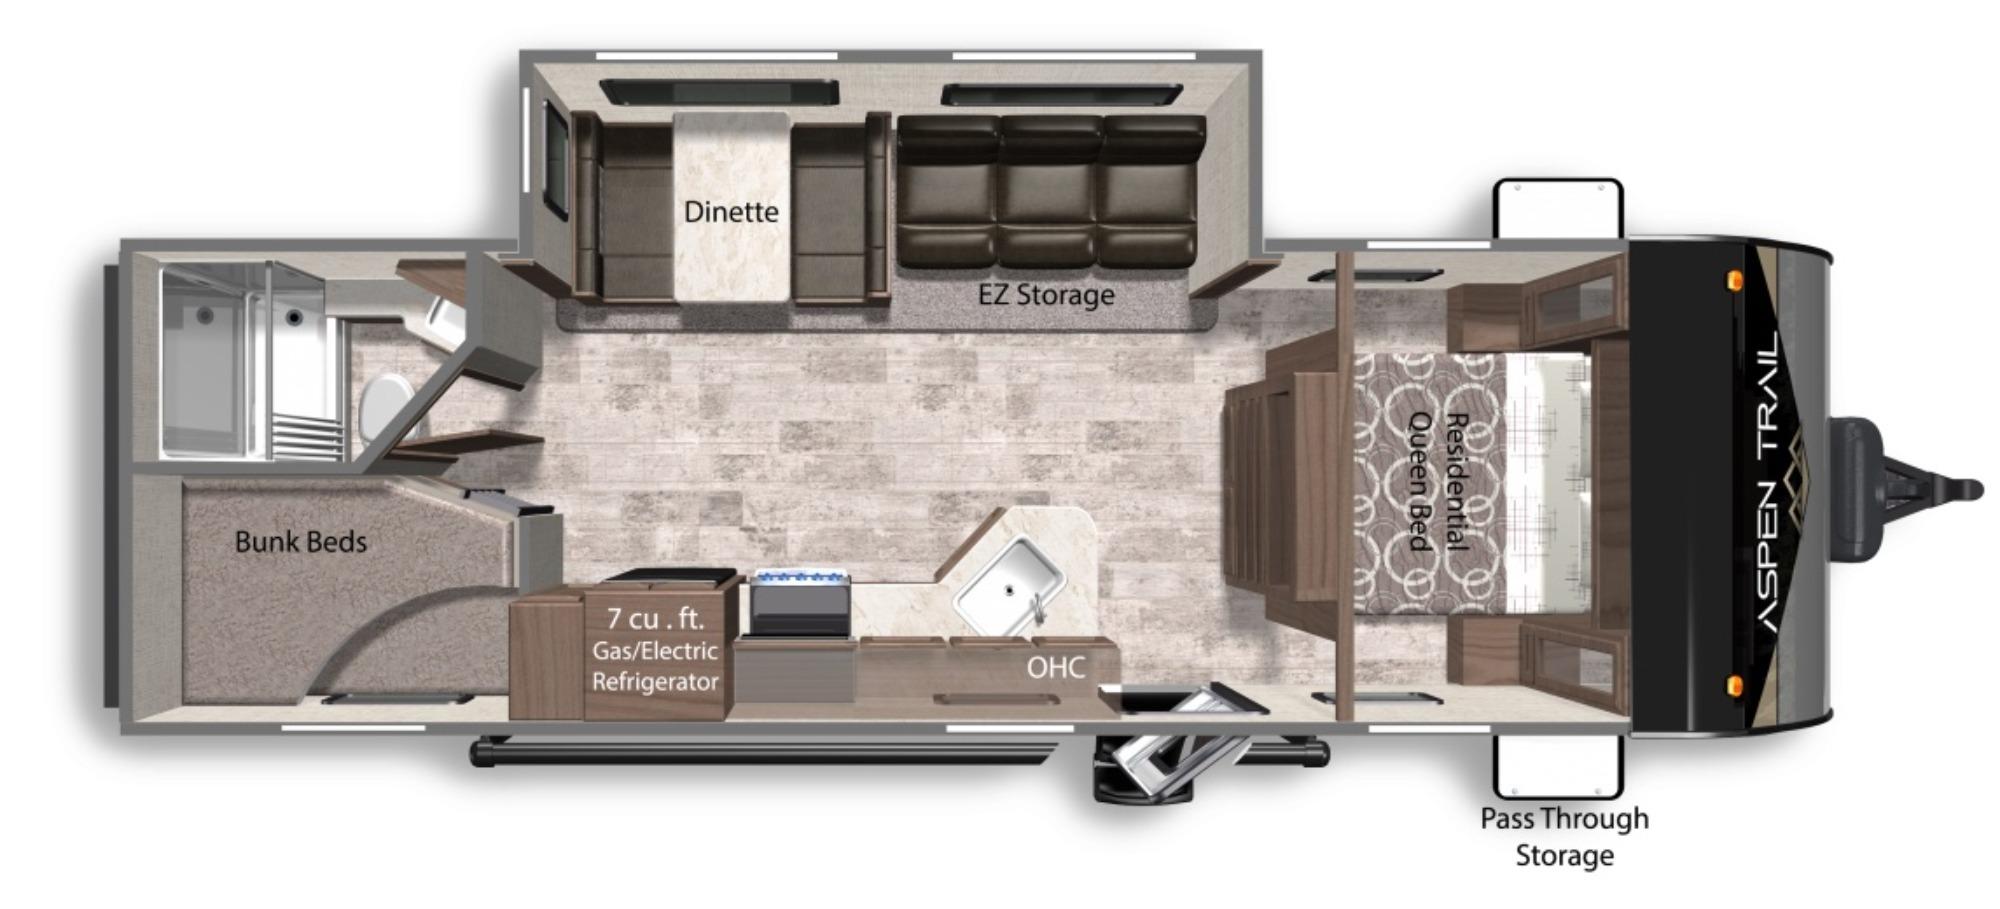 View Floor Plan for 2022 DUTCHMEN ASPEN TRAIL LE 26BH